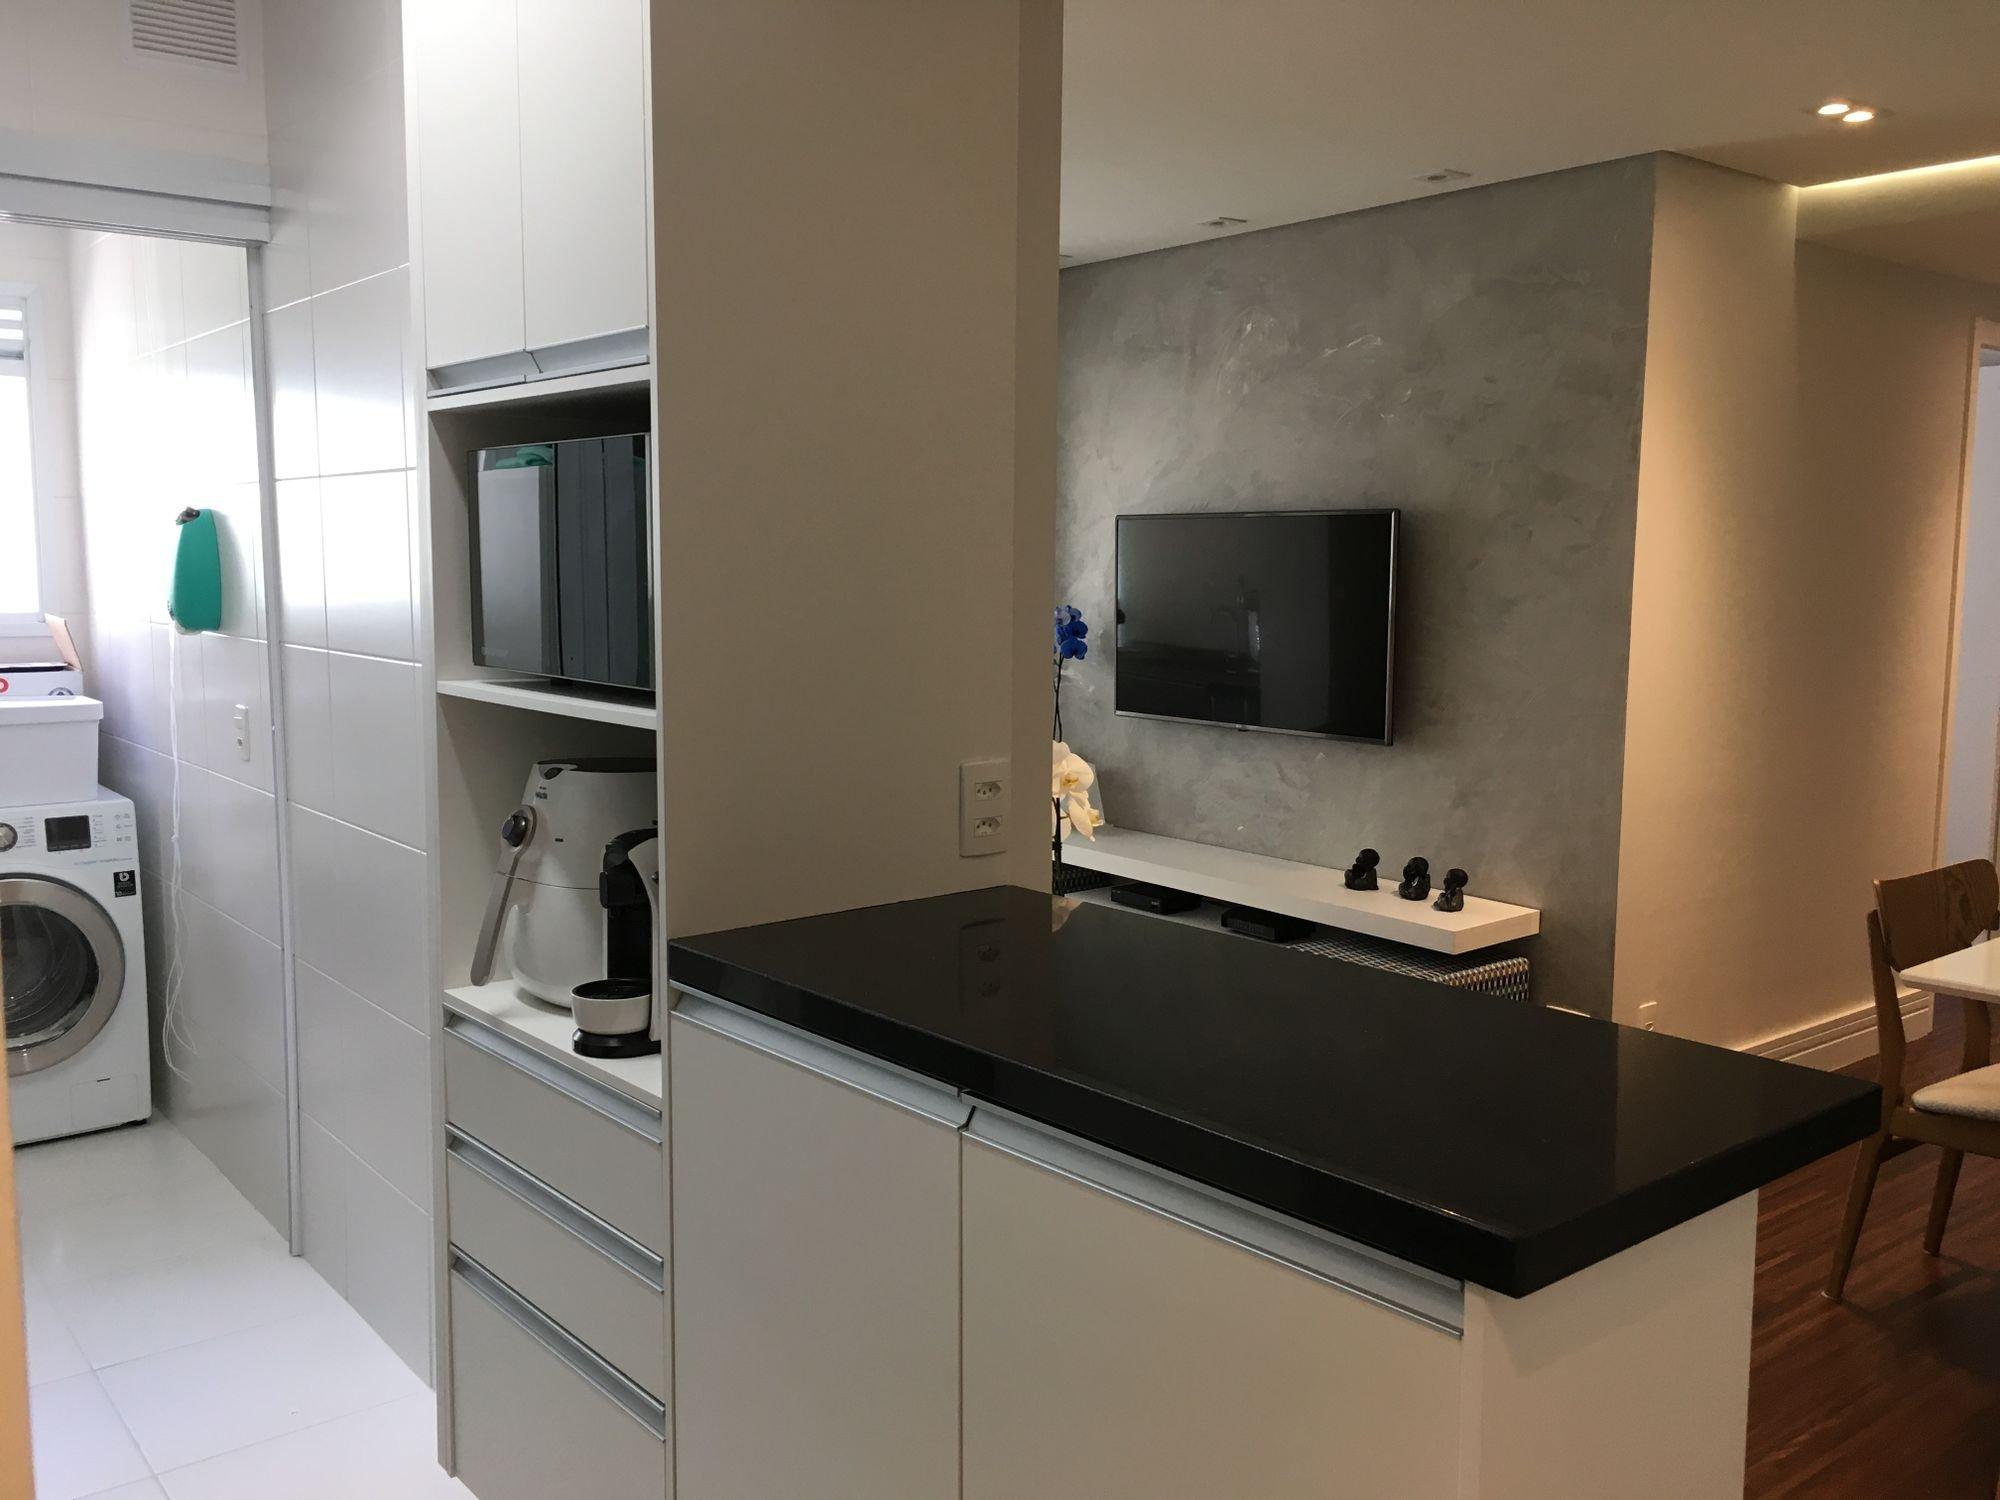 Foto de Cozinha com televisão, forno, cadeira, microondas